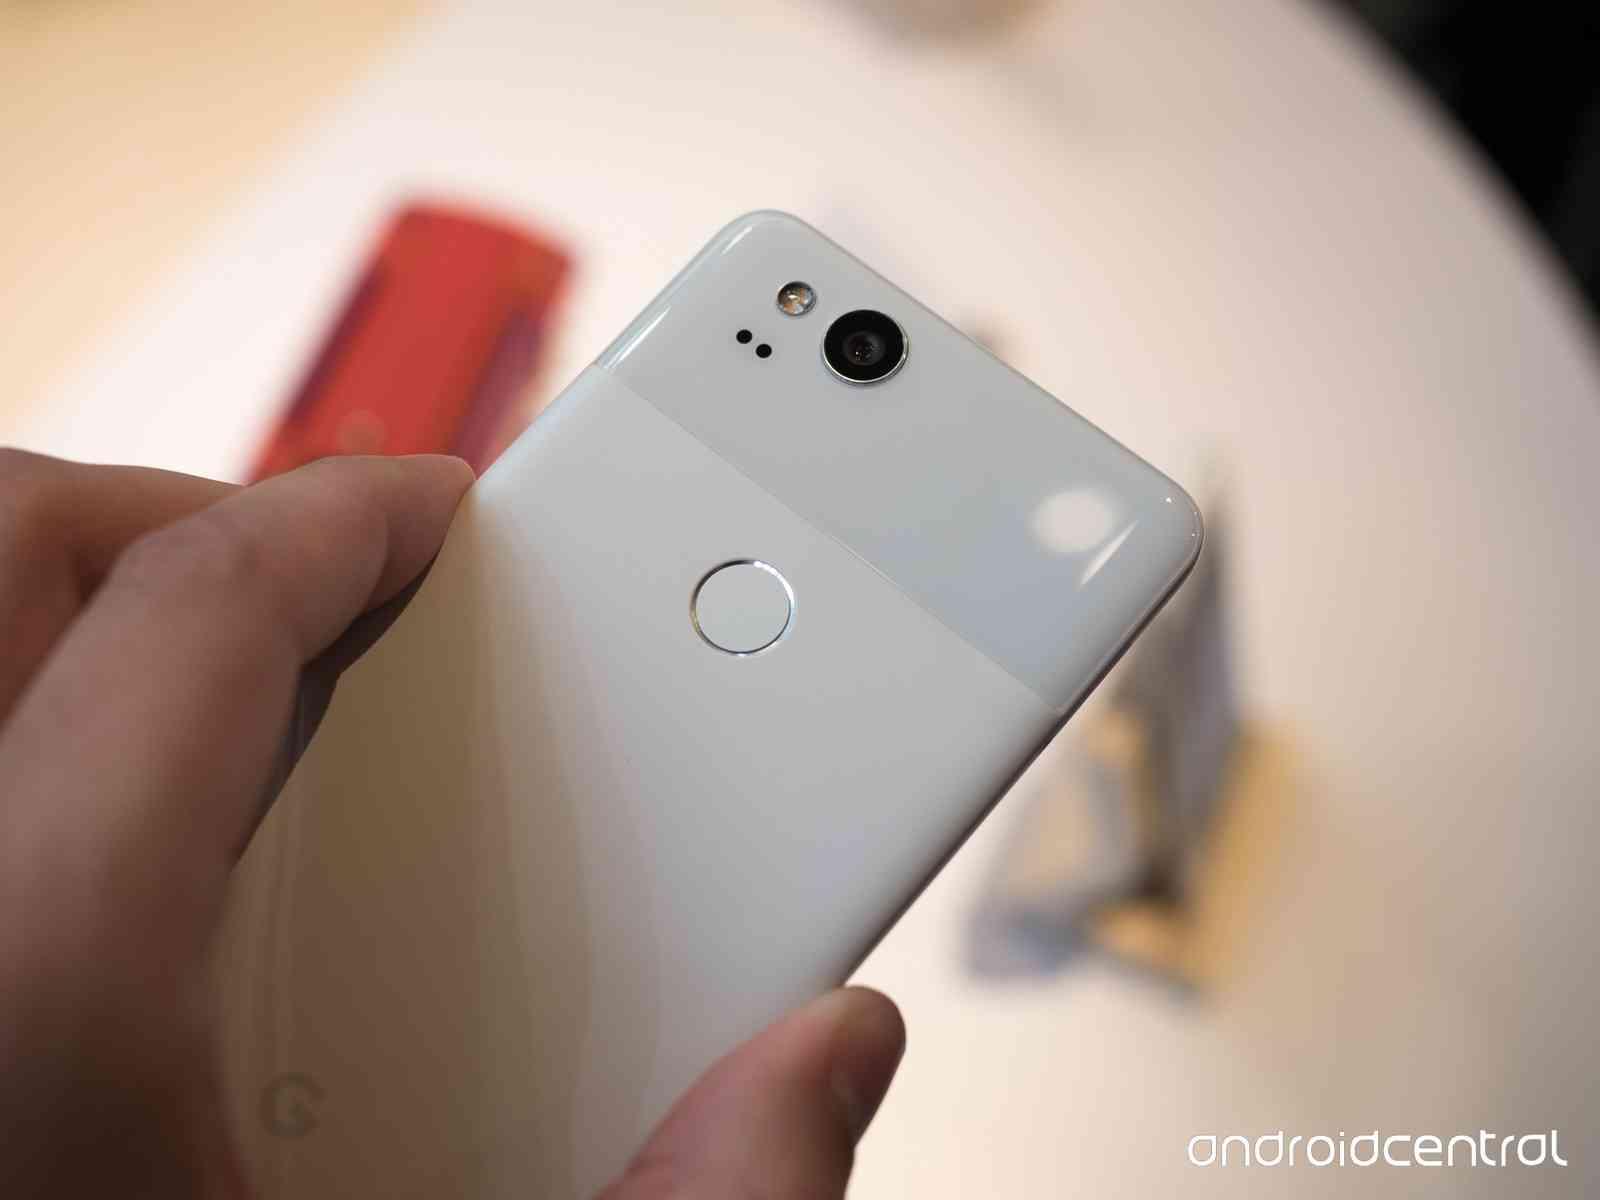 Примеры фото с Google Pixel 2 и лучшей камеры Другие устройства  - pixel_2_pixel_2_xl_hands_on_21-1